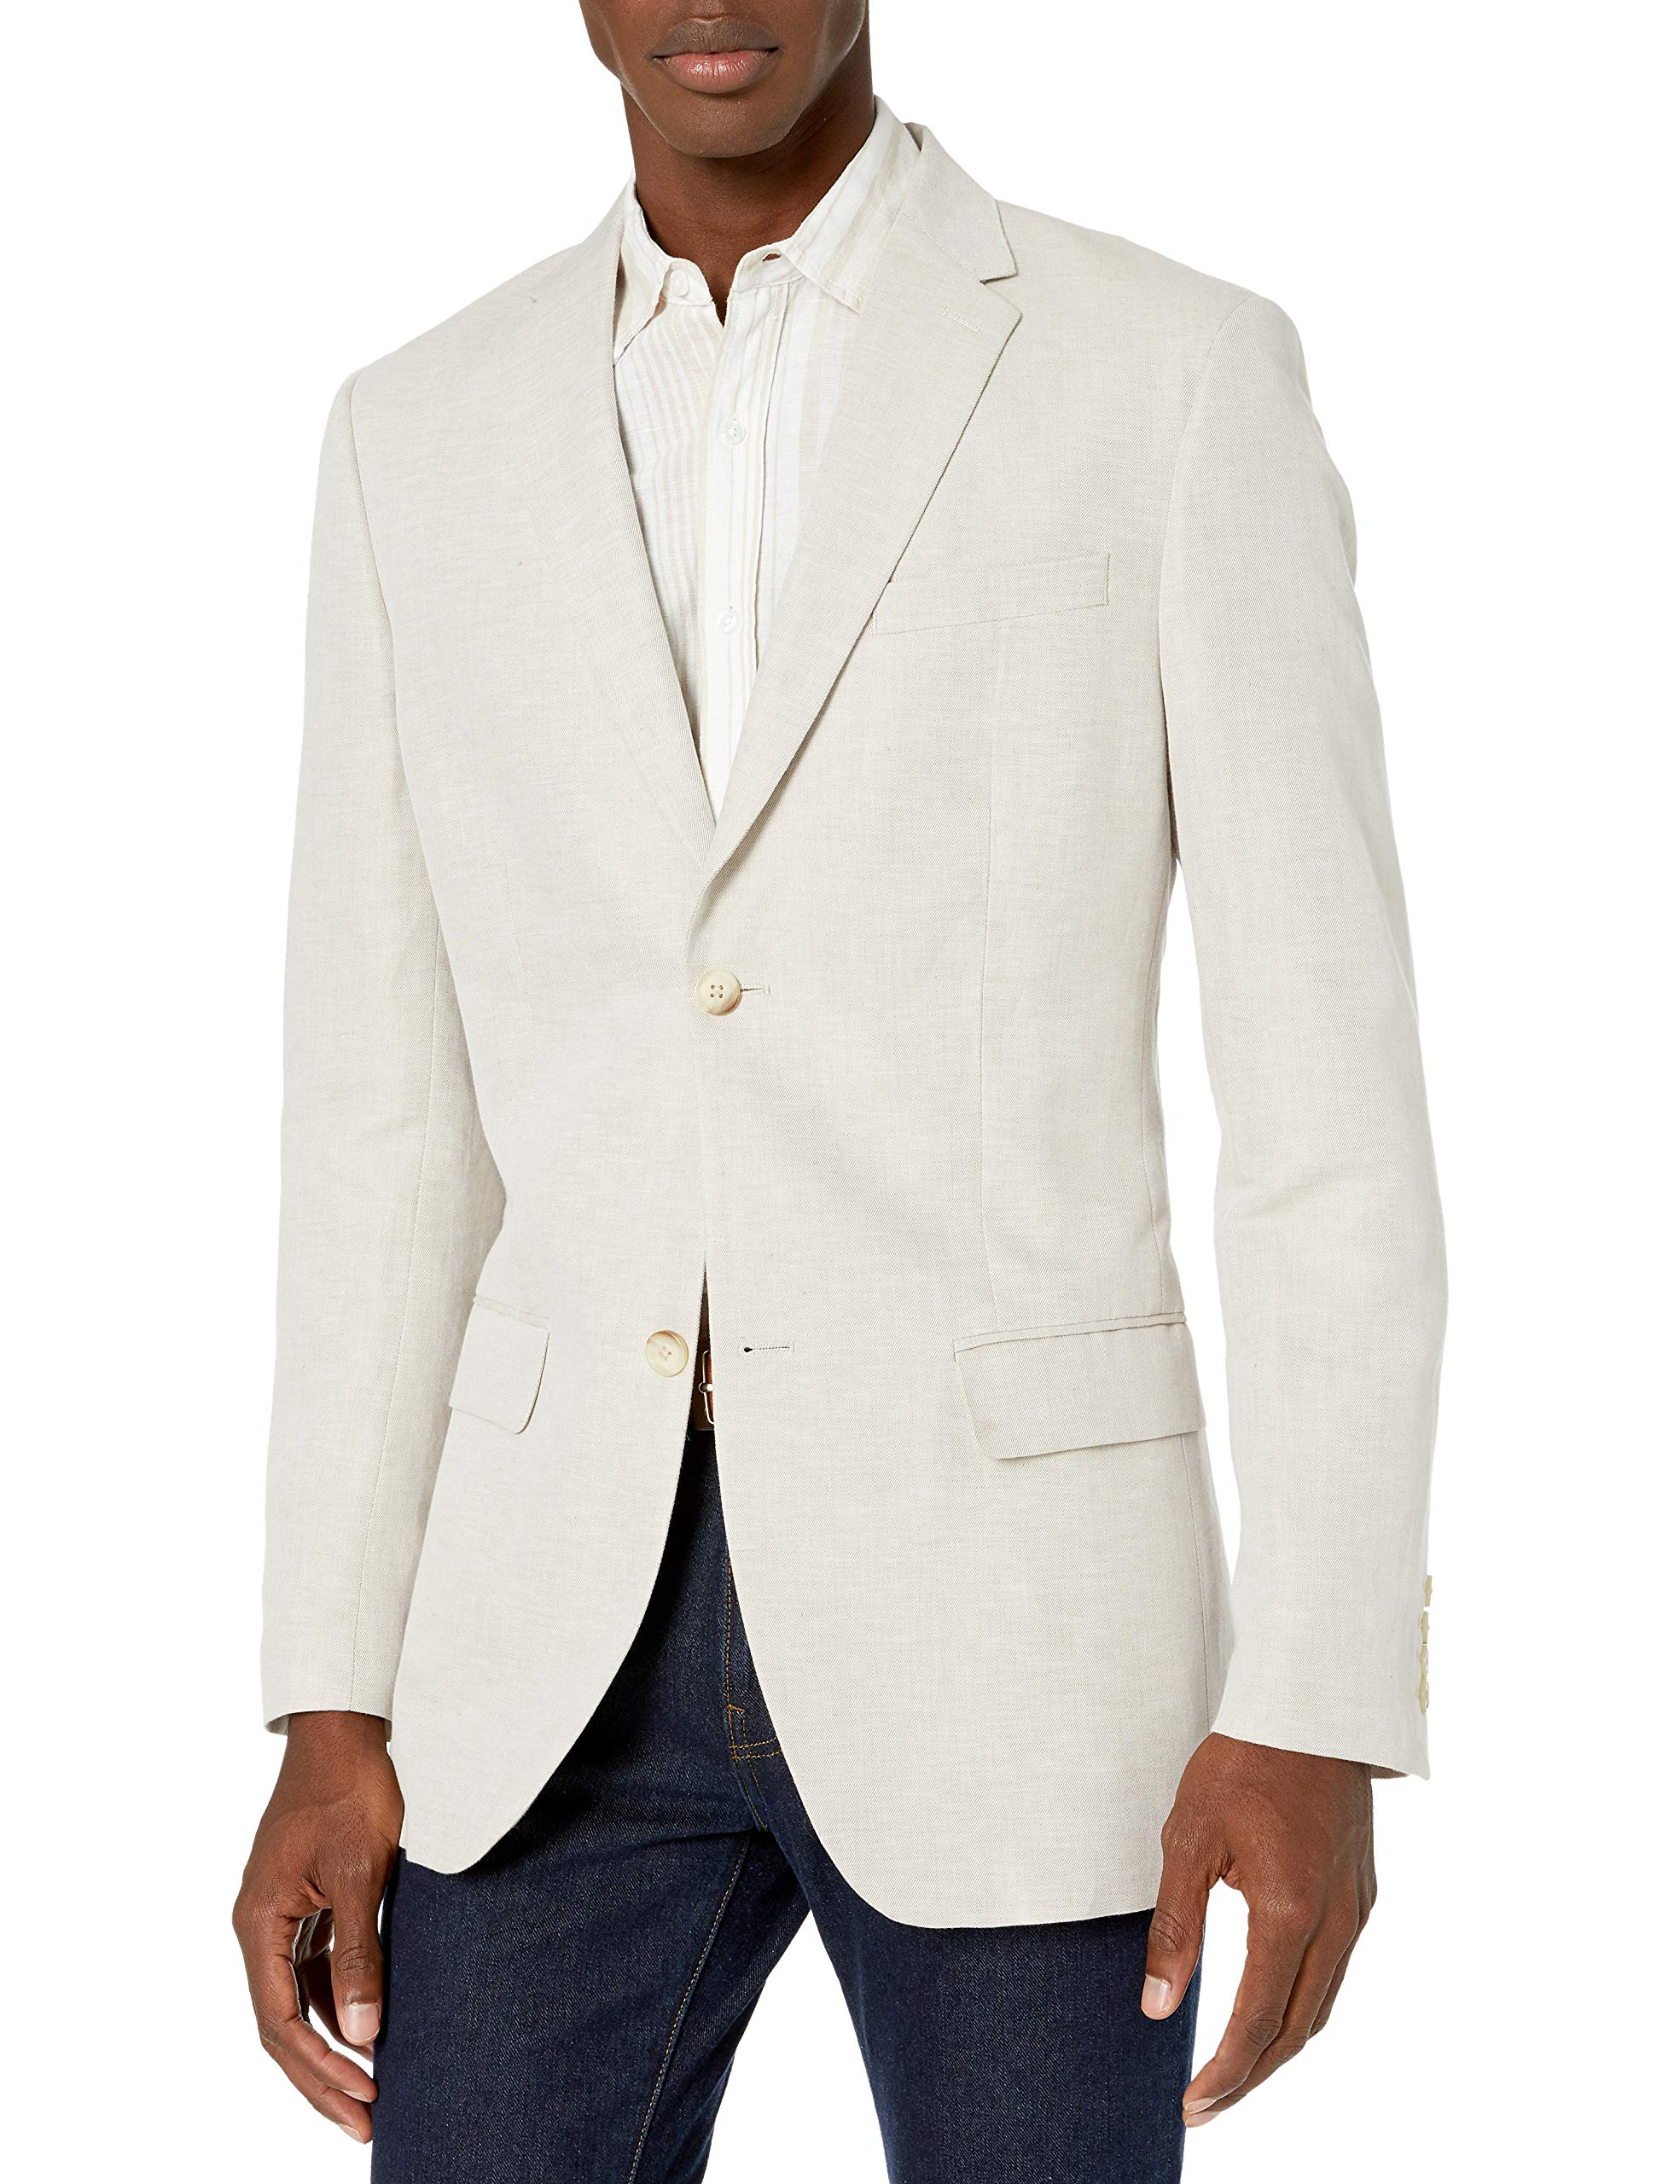 Perry Ellis Men's Suit Jacket, Natural Linen, 42/Large by Perry Ellis